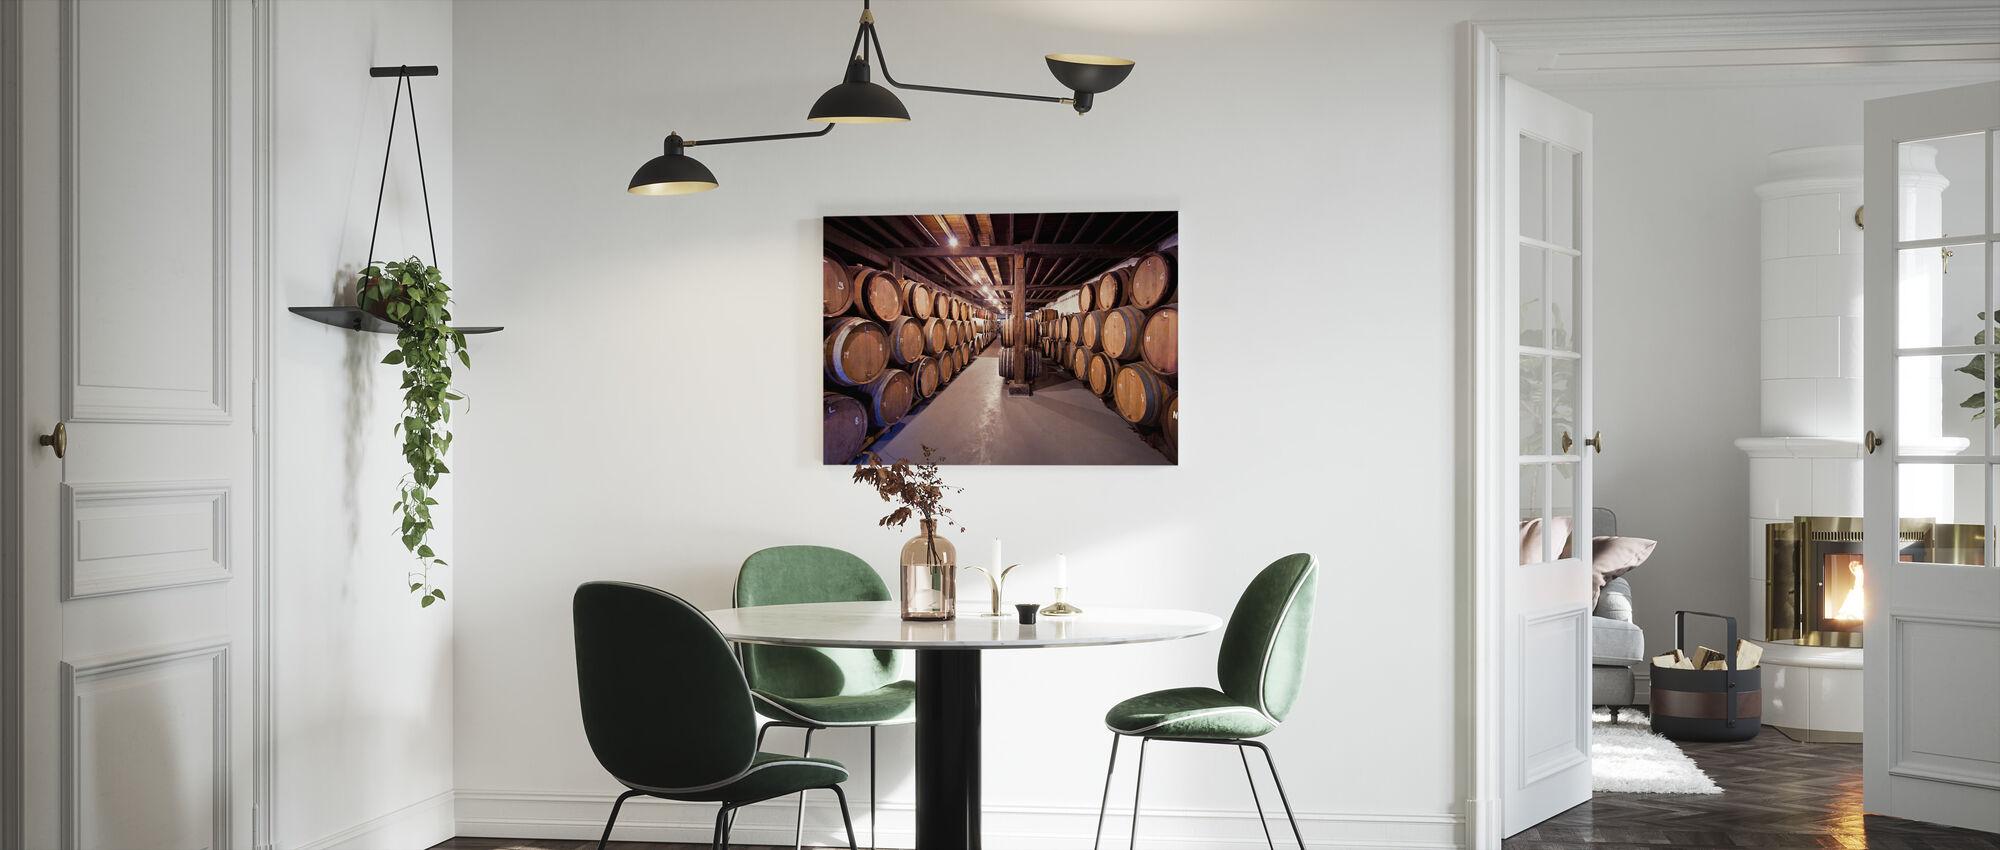 Oude Wijnvaten - Canvas print - Keuken